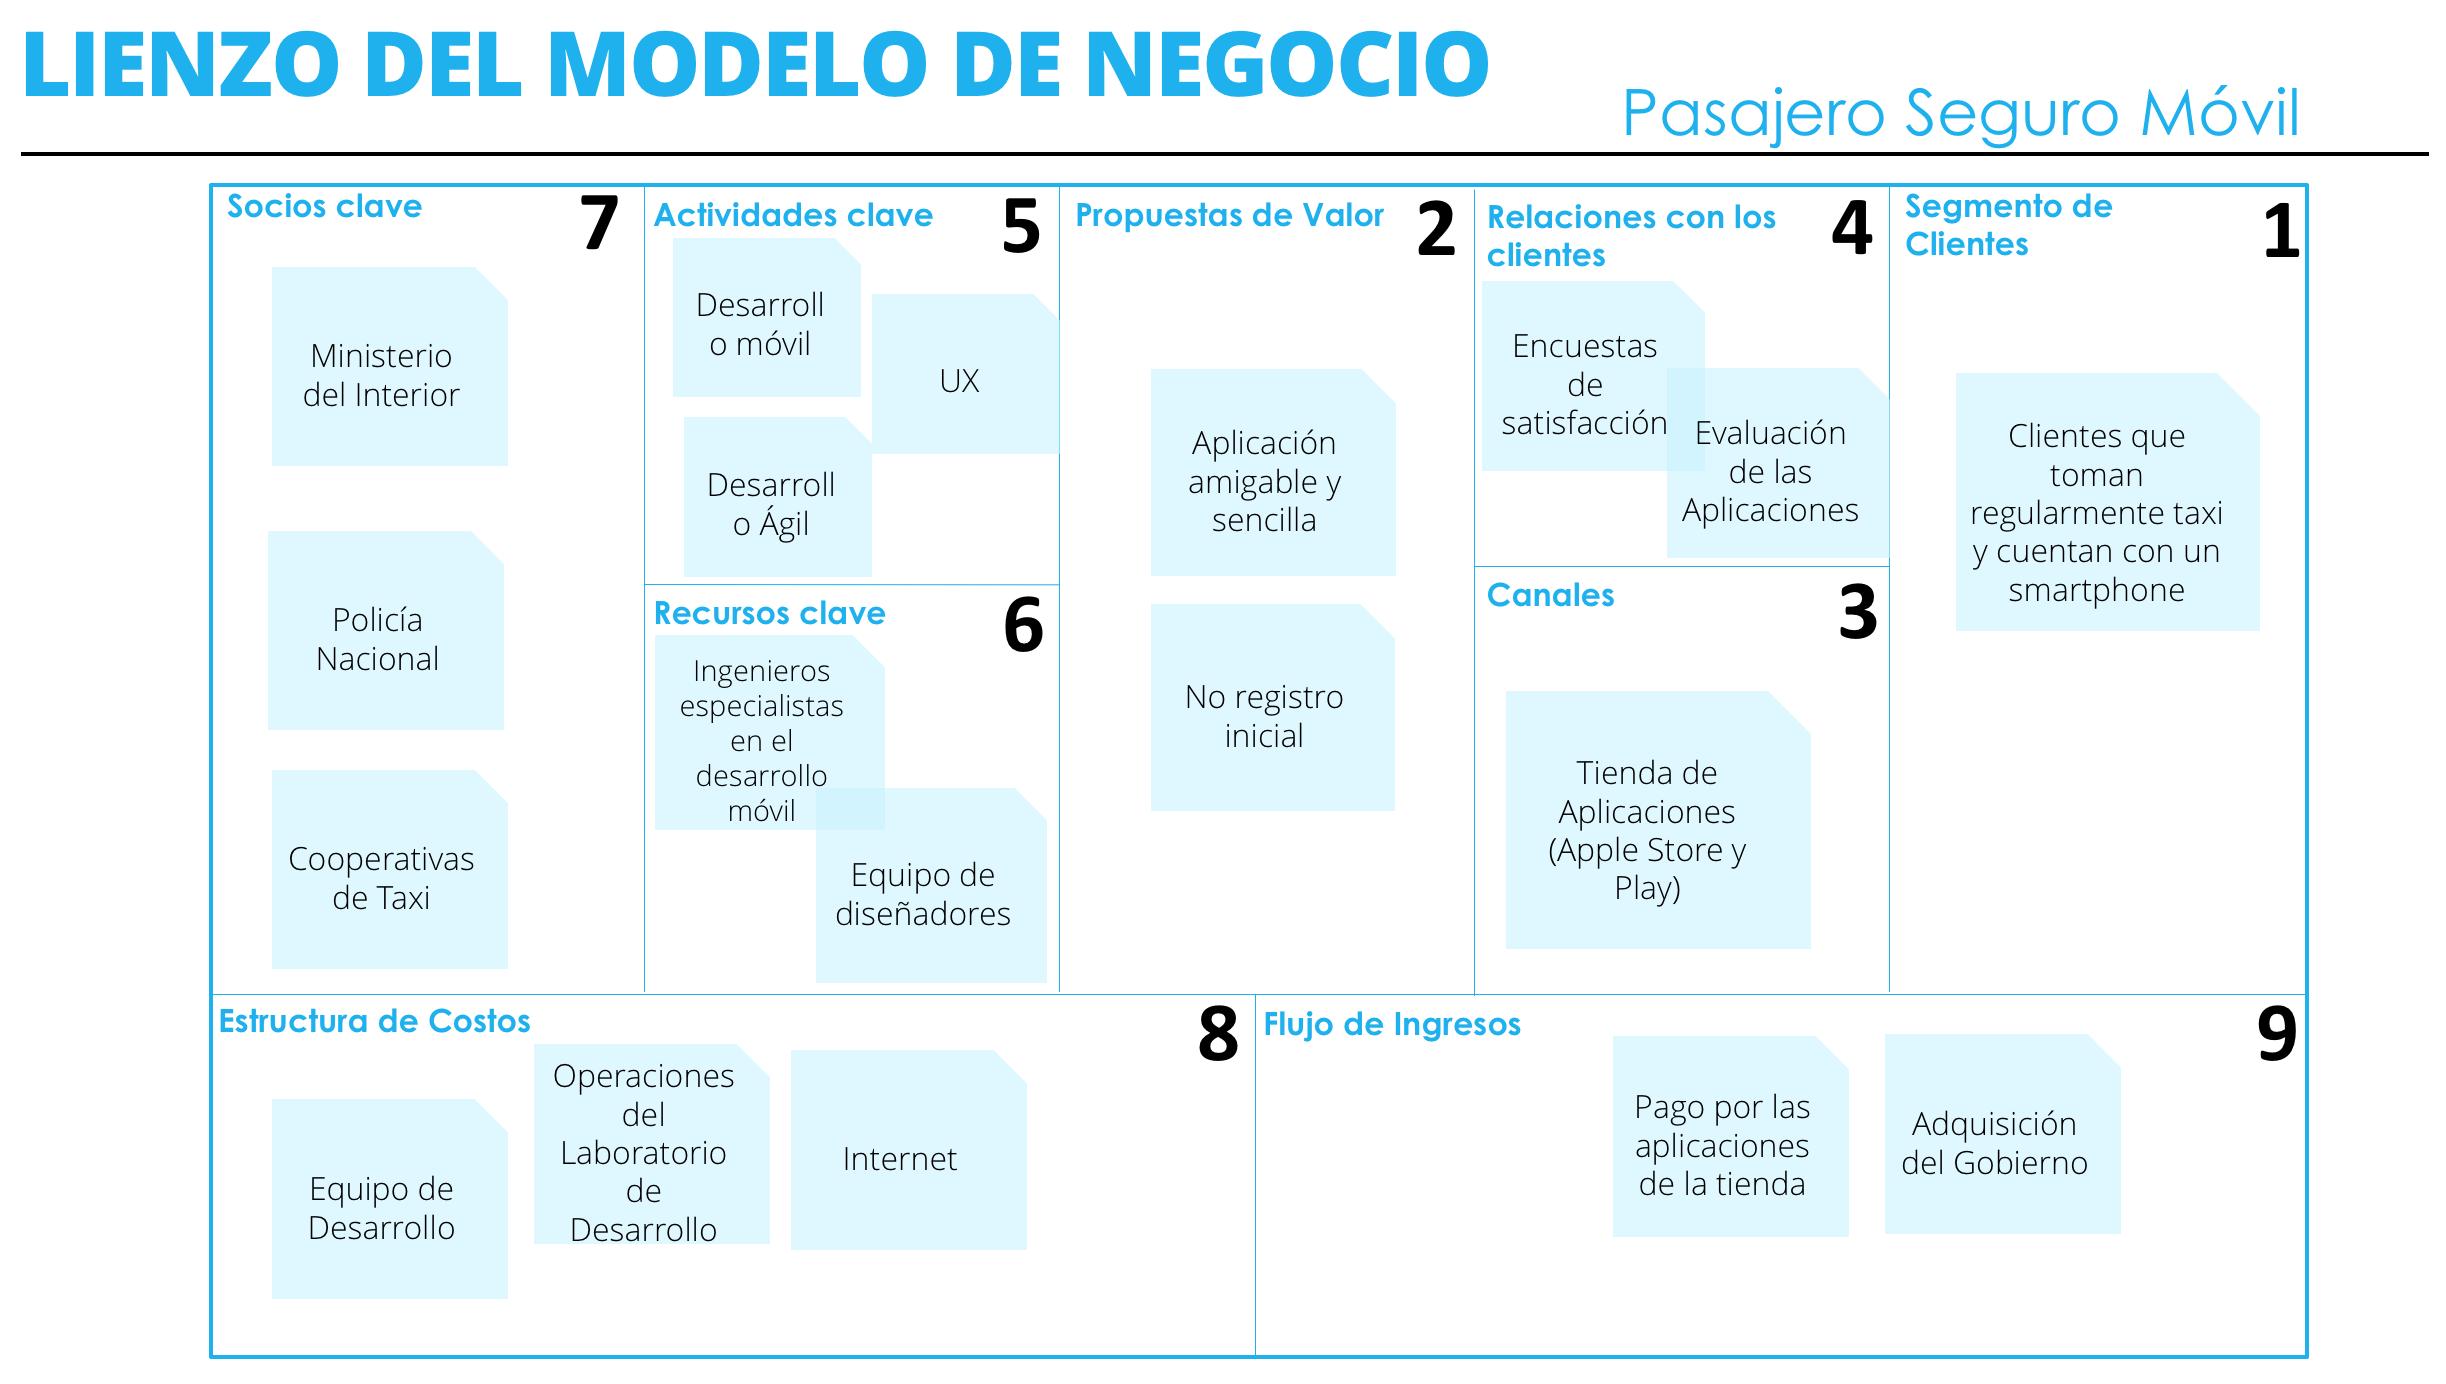 Johnny Ordóñez | Lean & Agile Coach | Change Agent | Página 4